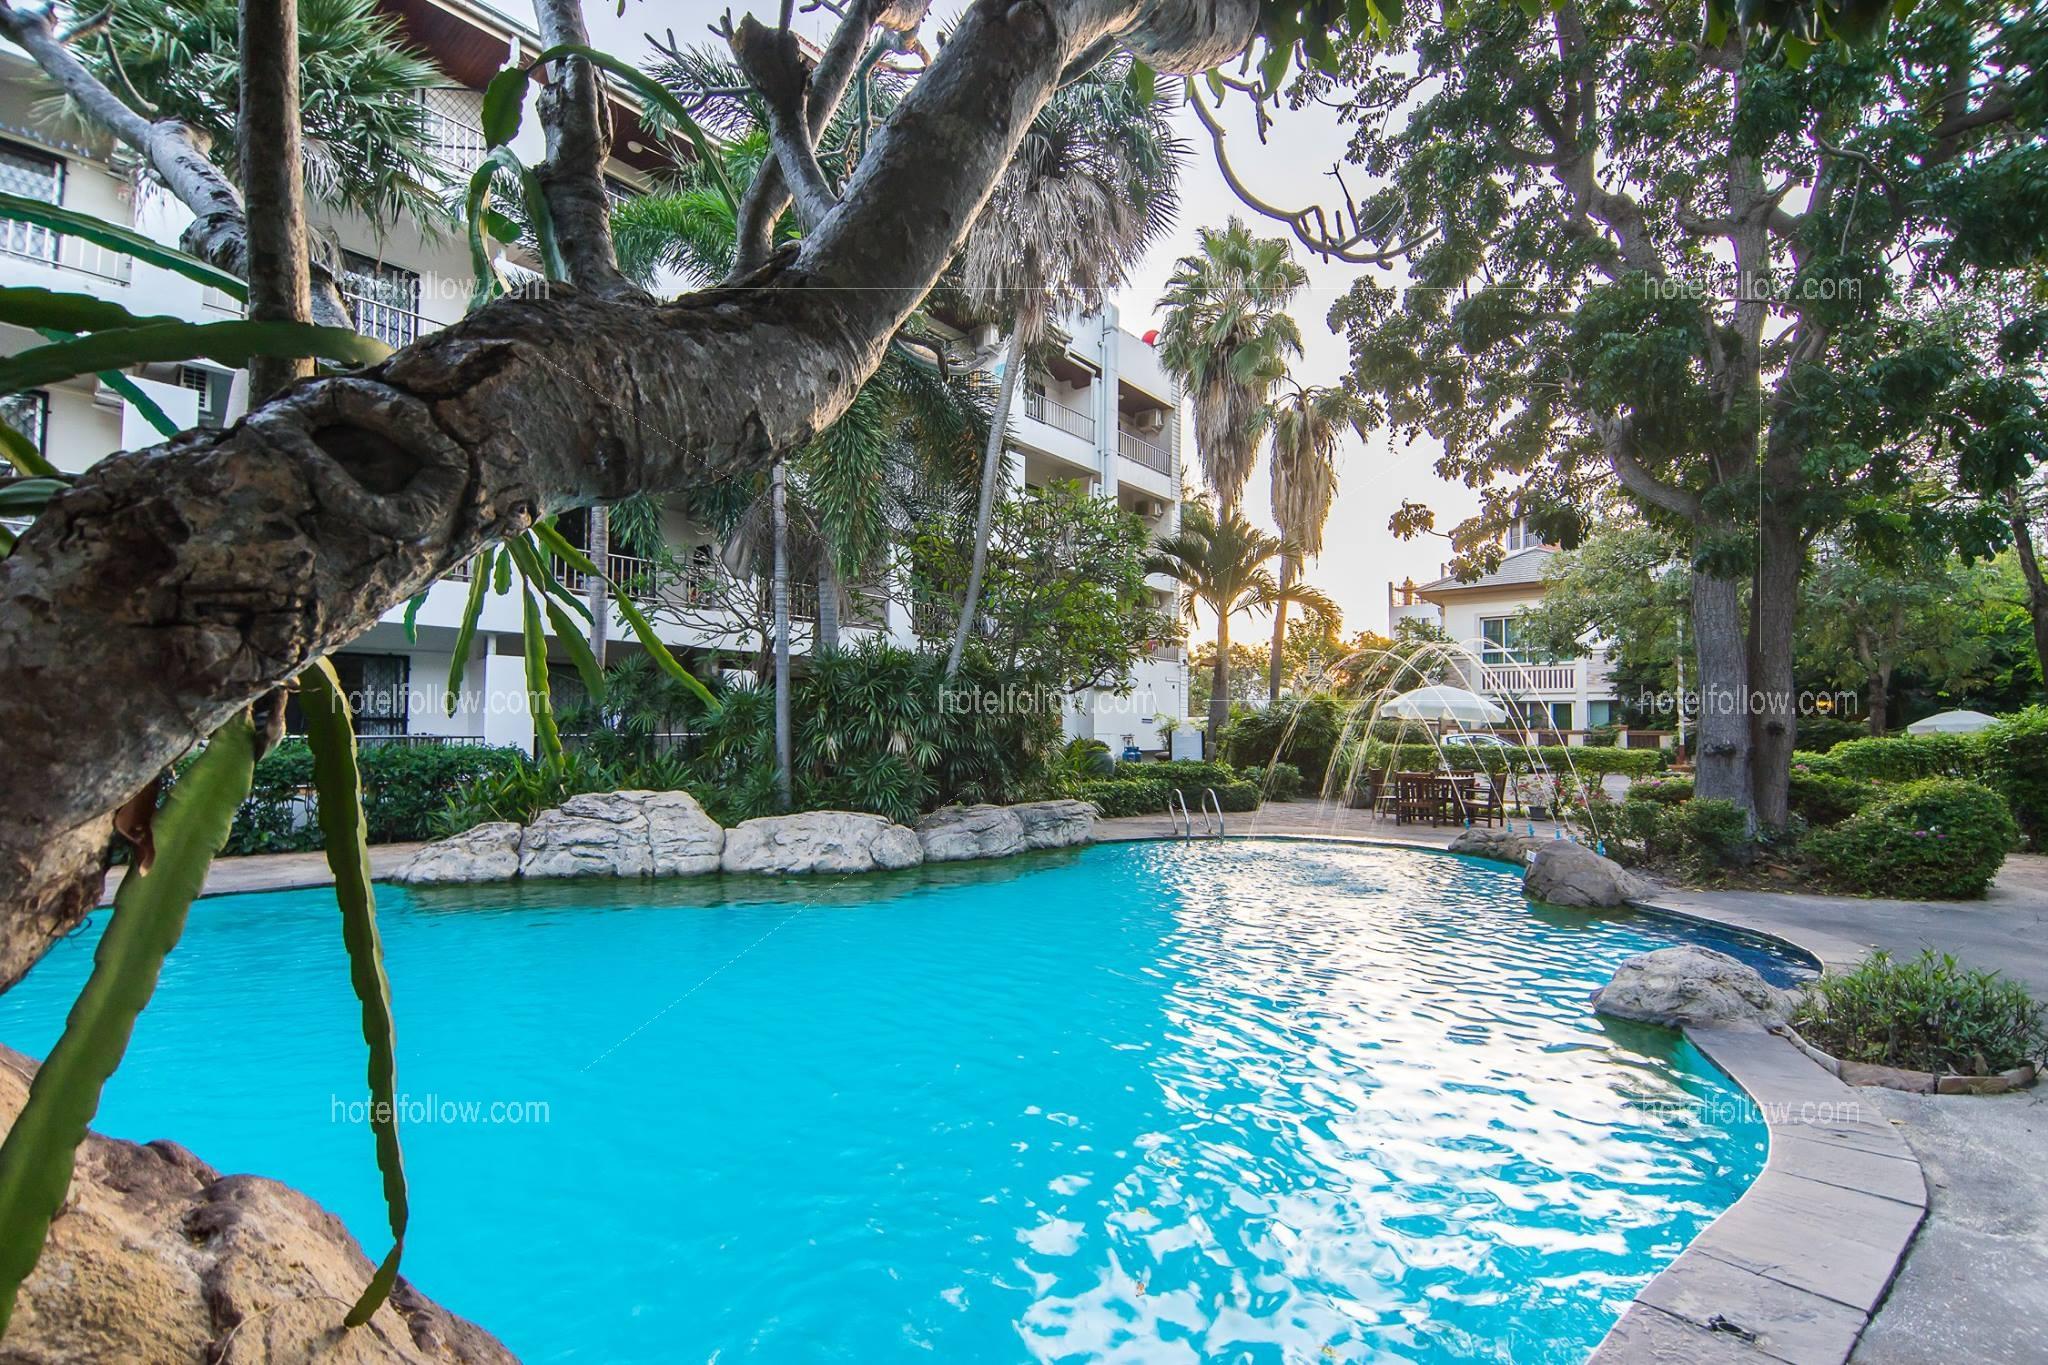 รูปของโรงแรม โรงแรม เบลลา วิลล่า เซอร์วิสอพาร์ตเมนต์